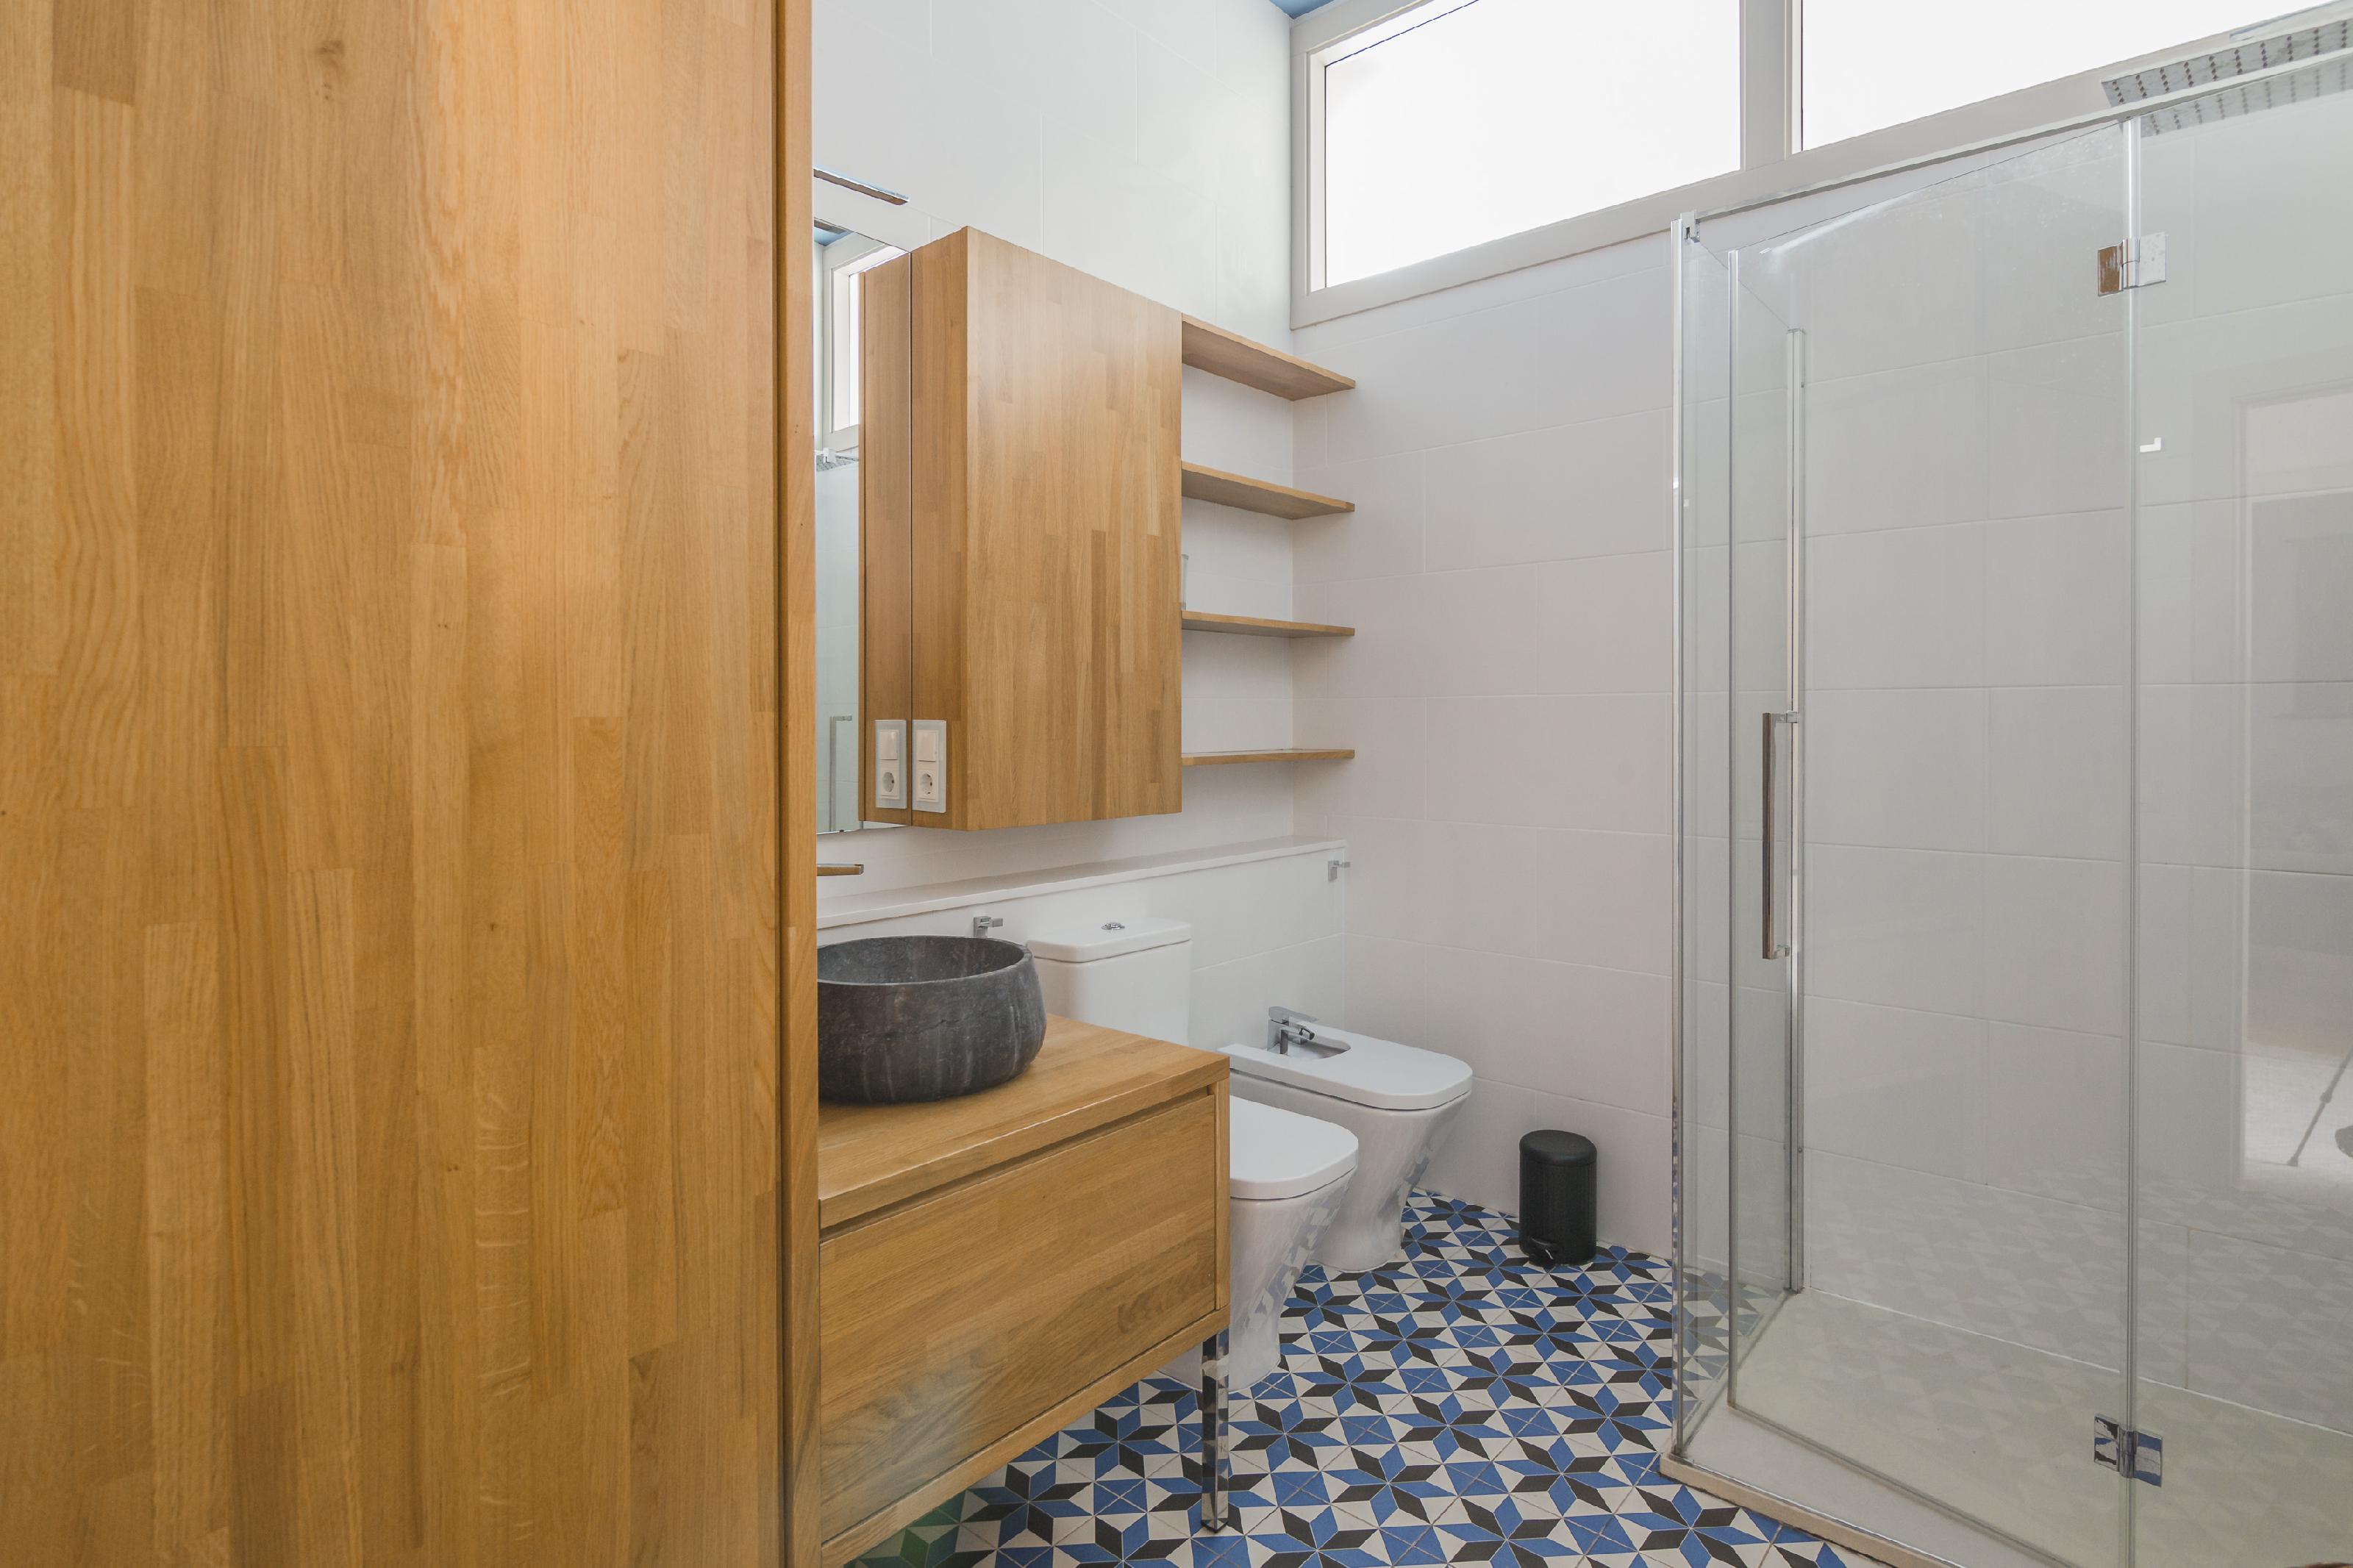 248206 Flat for sale in Gràcia, Vila de Gràcia 5